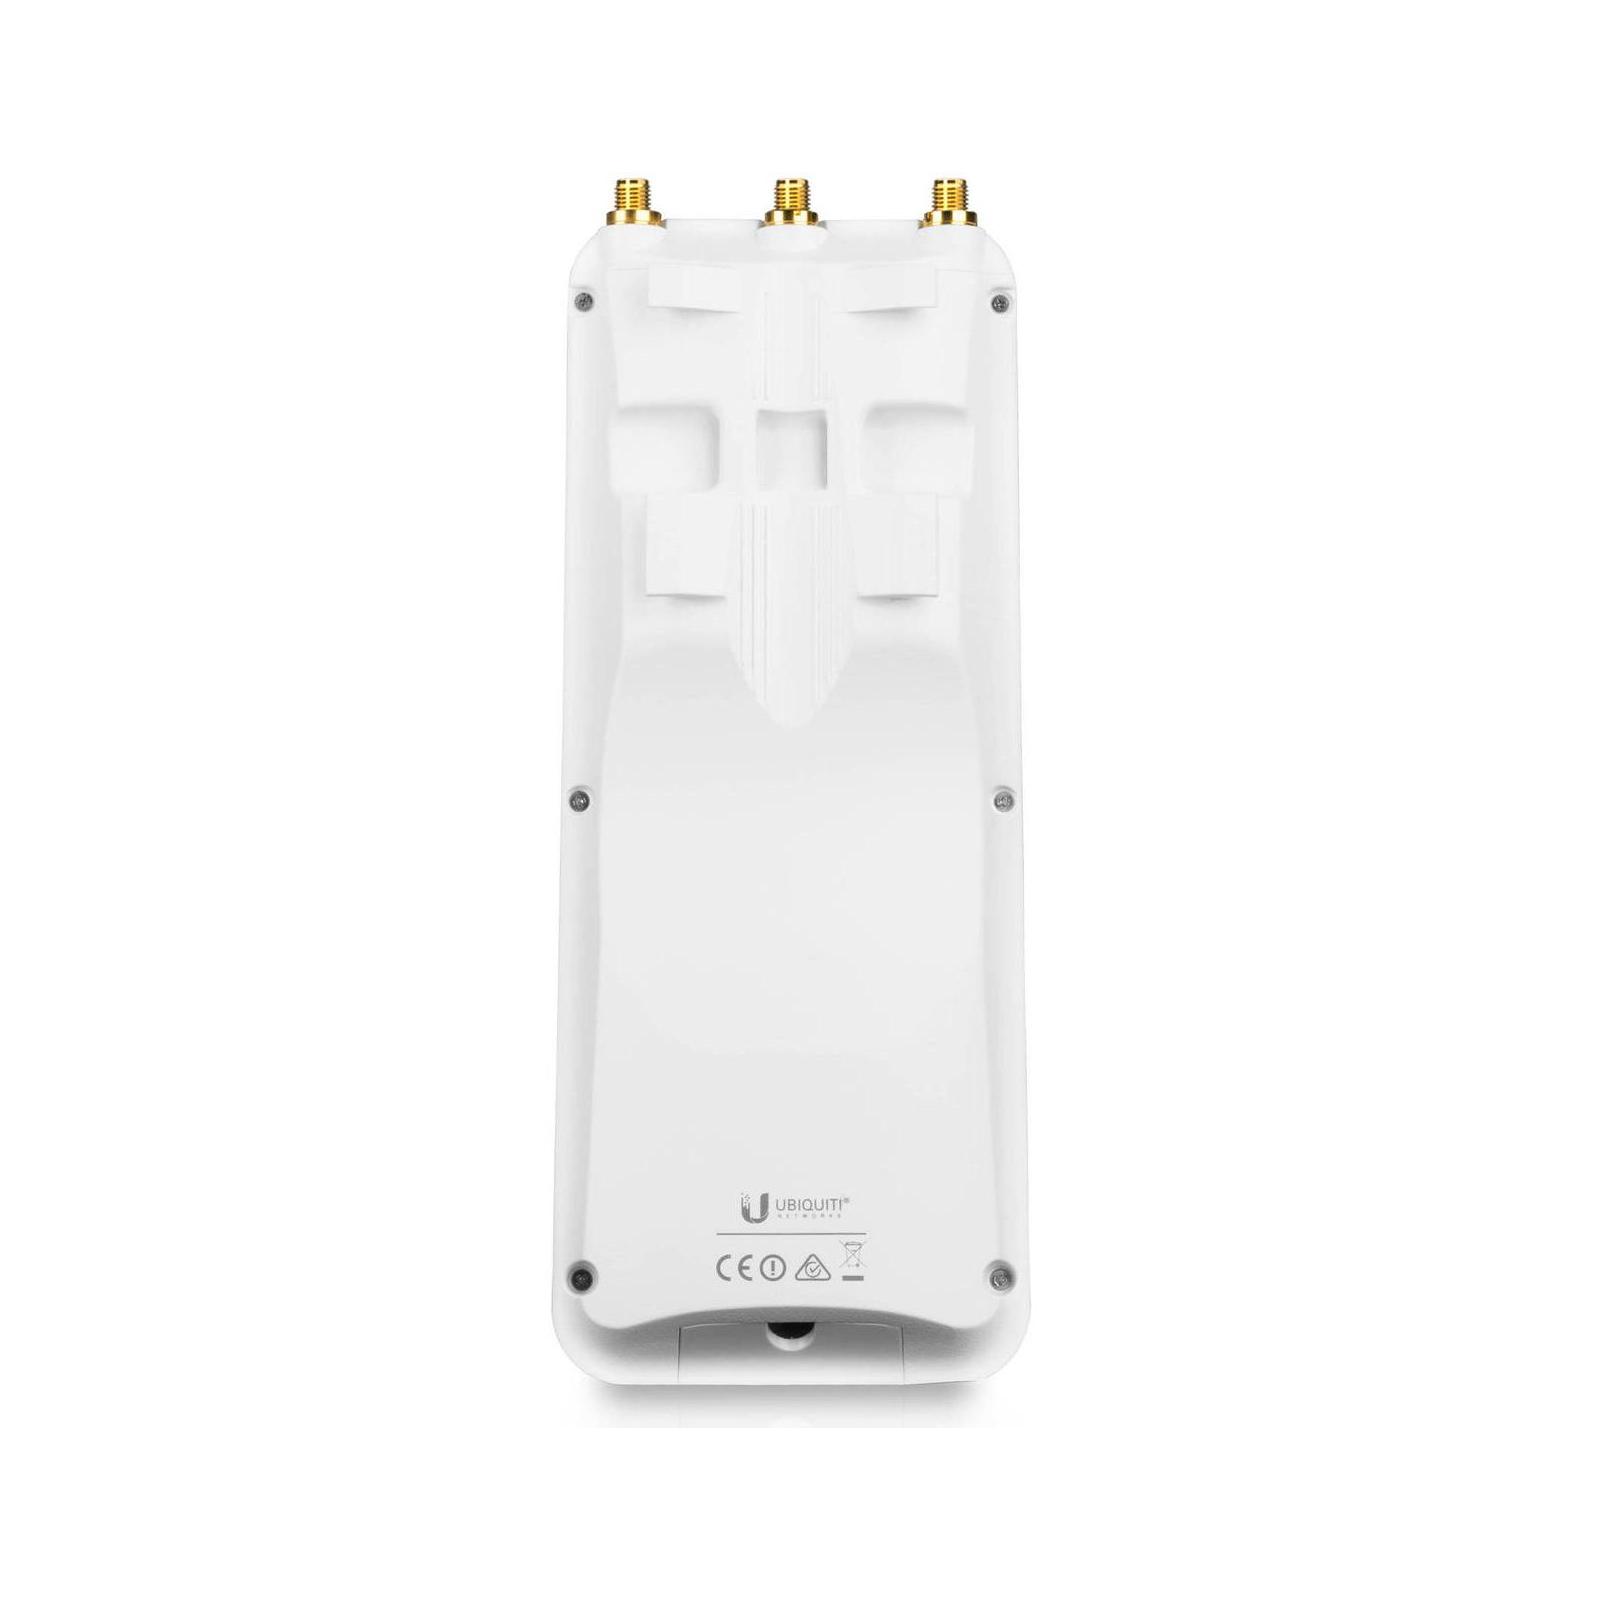 Точка доступа Wi-Fi Ubiquiti Rocket 5ac Prism (R5AC-PRISM) изображение 3